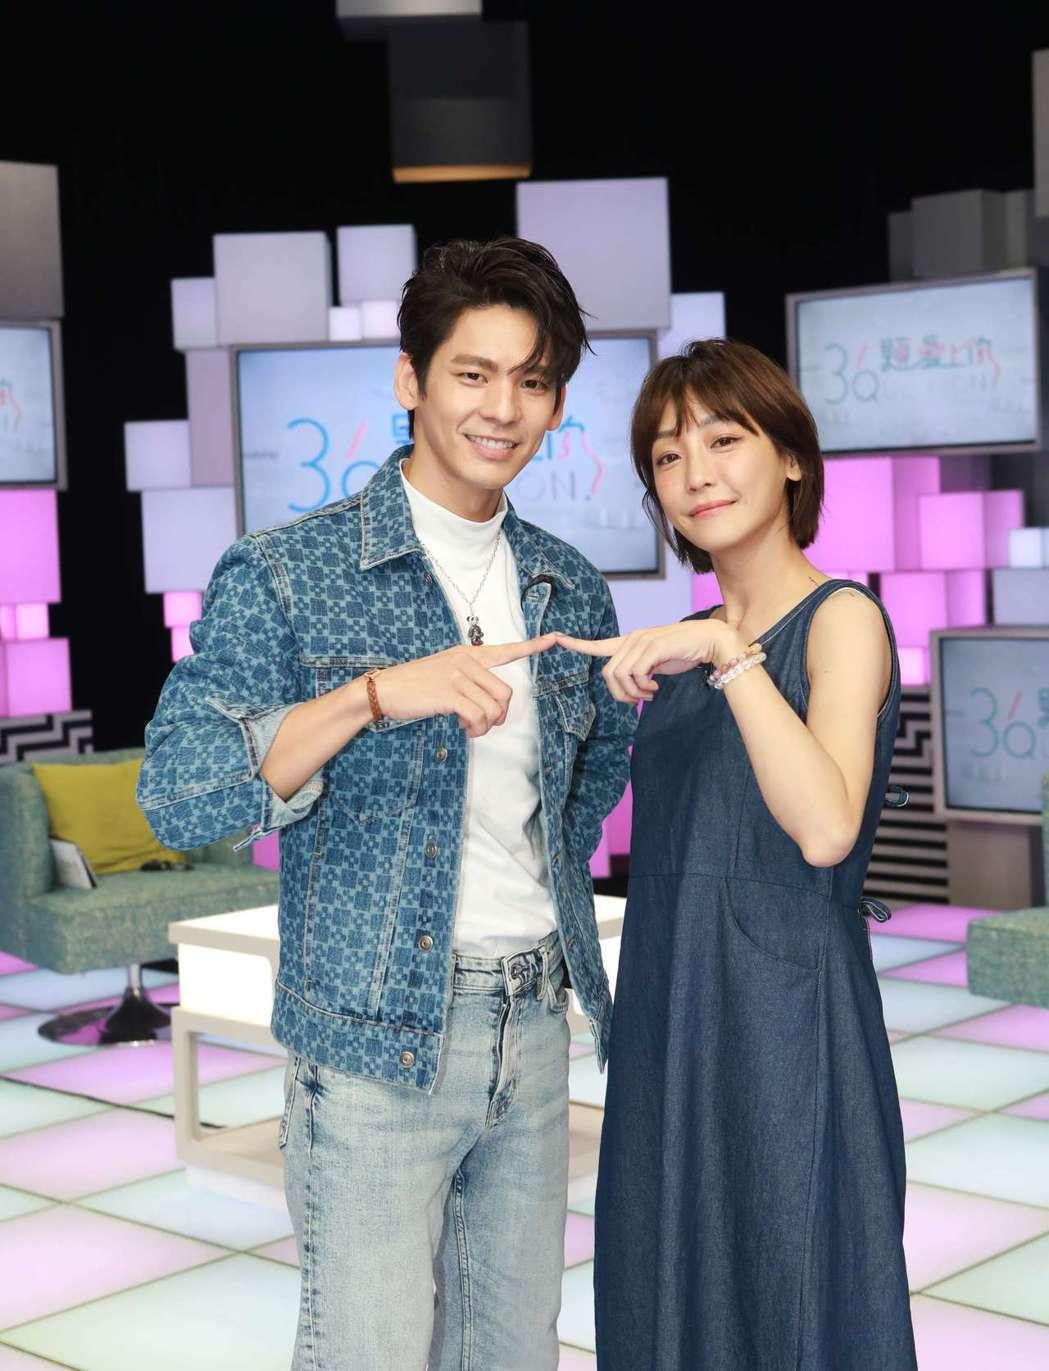 林柏宏(左)、謝欣穎上公視談話節目「36題愛上你」。圖/公視提供